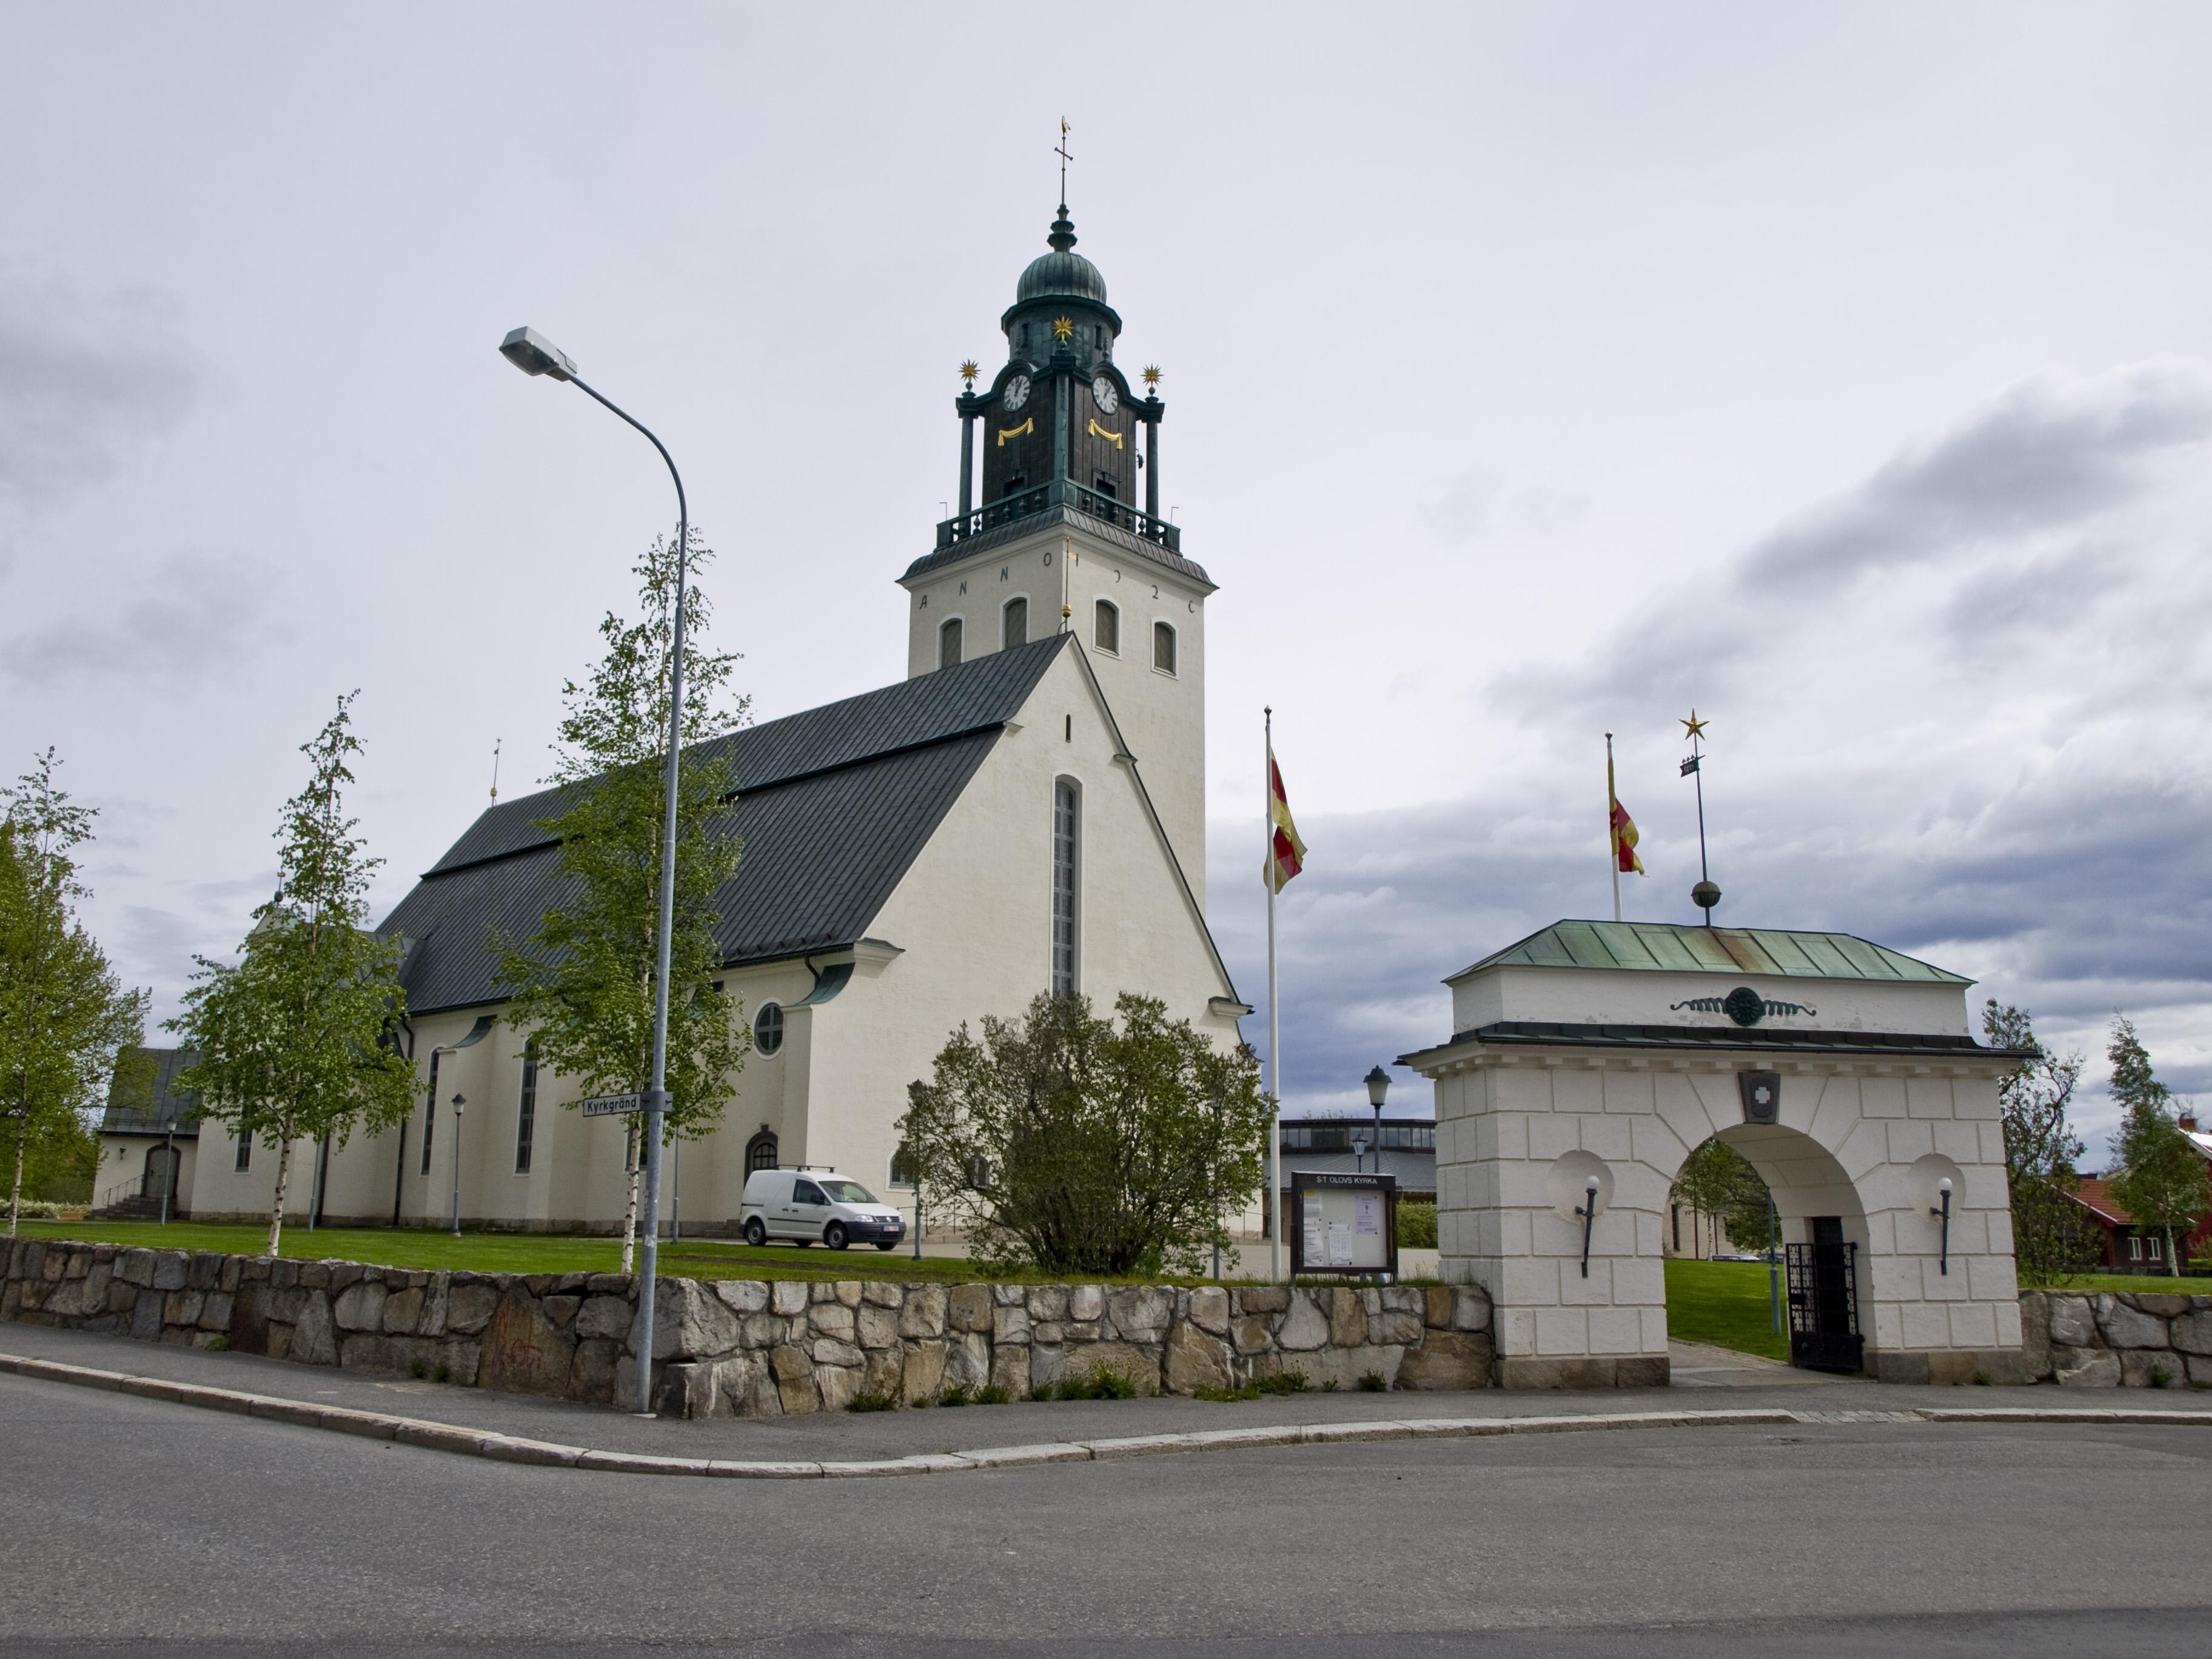 Skellefte Sankt Olovs frsamling - Svenska kyrkan